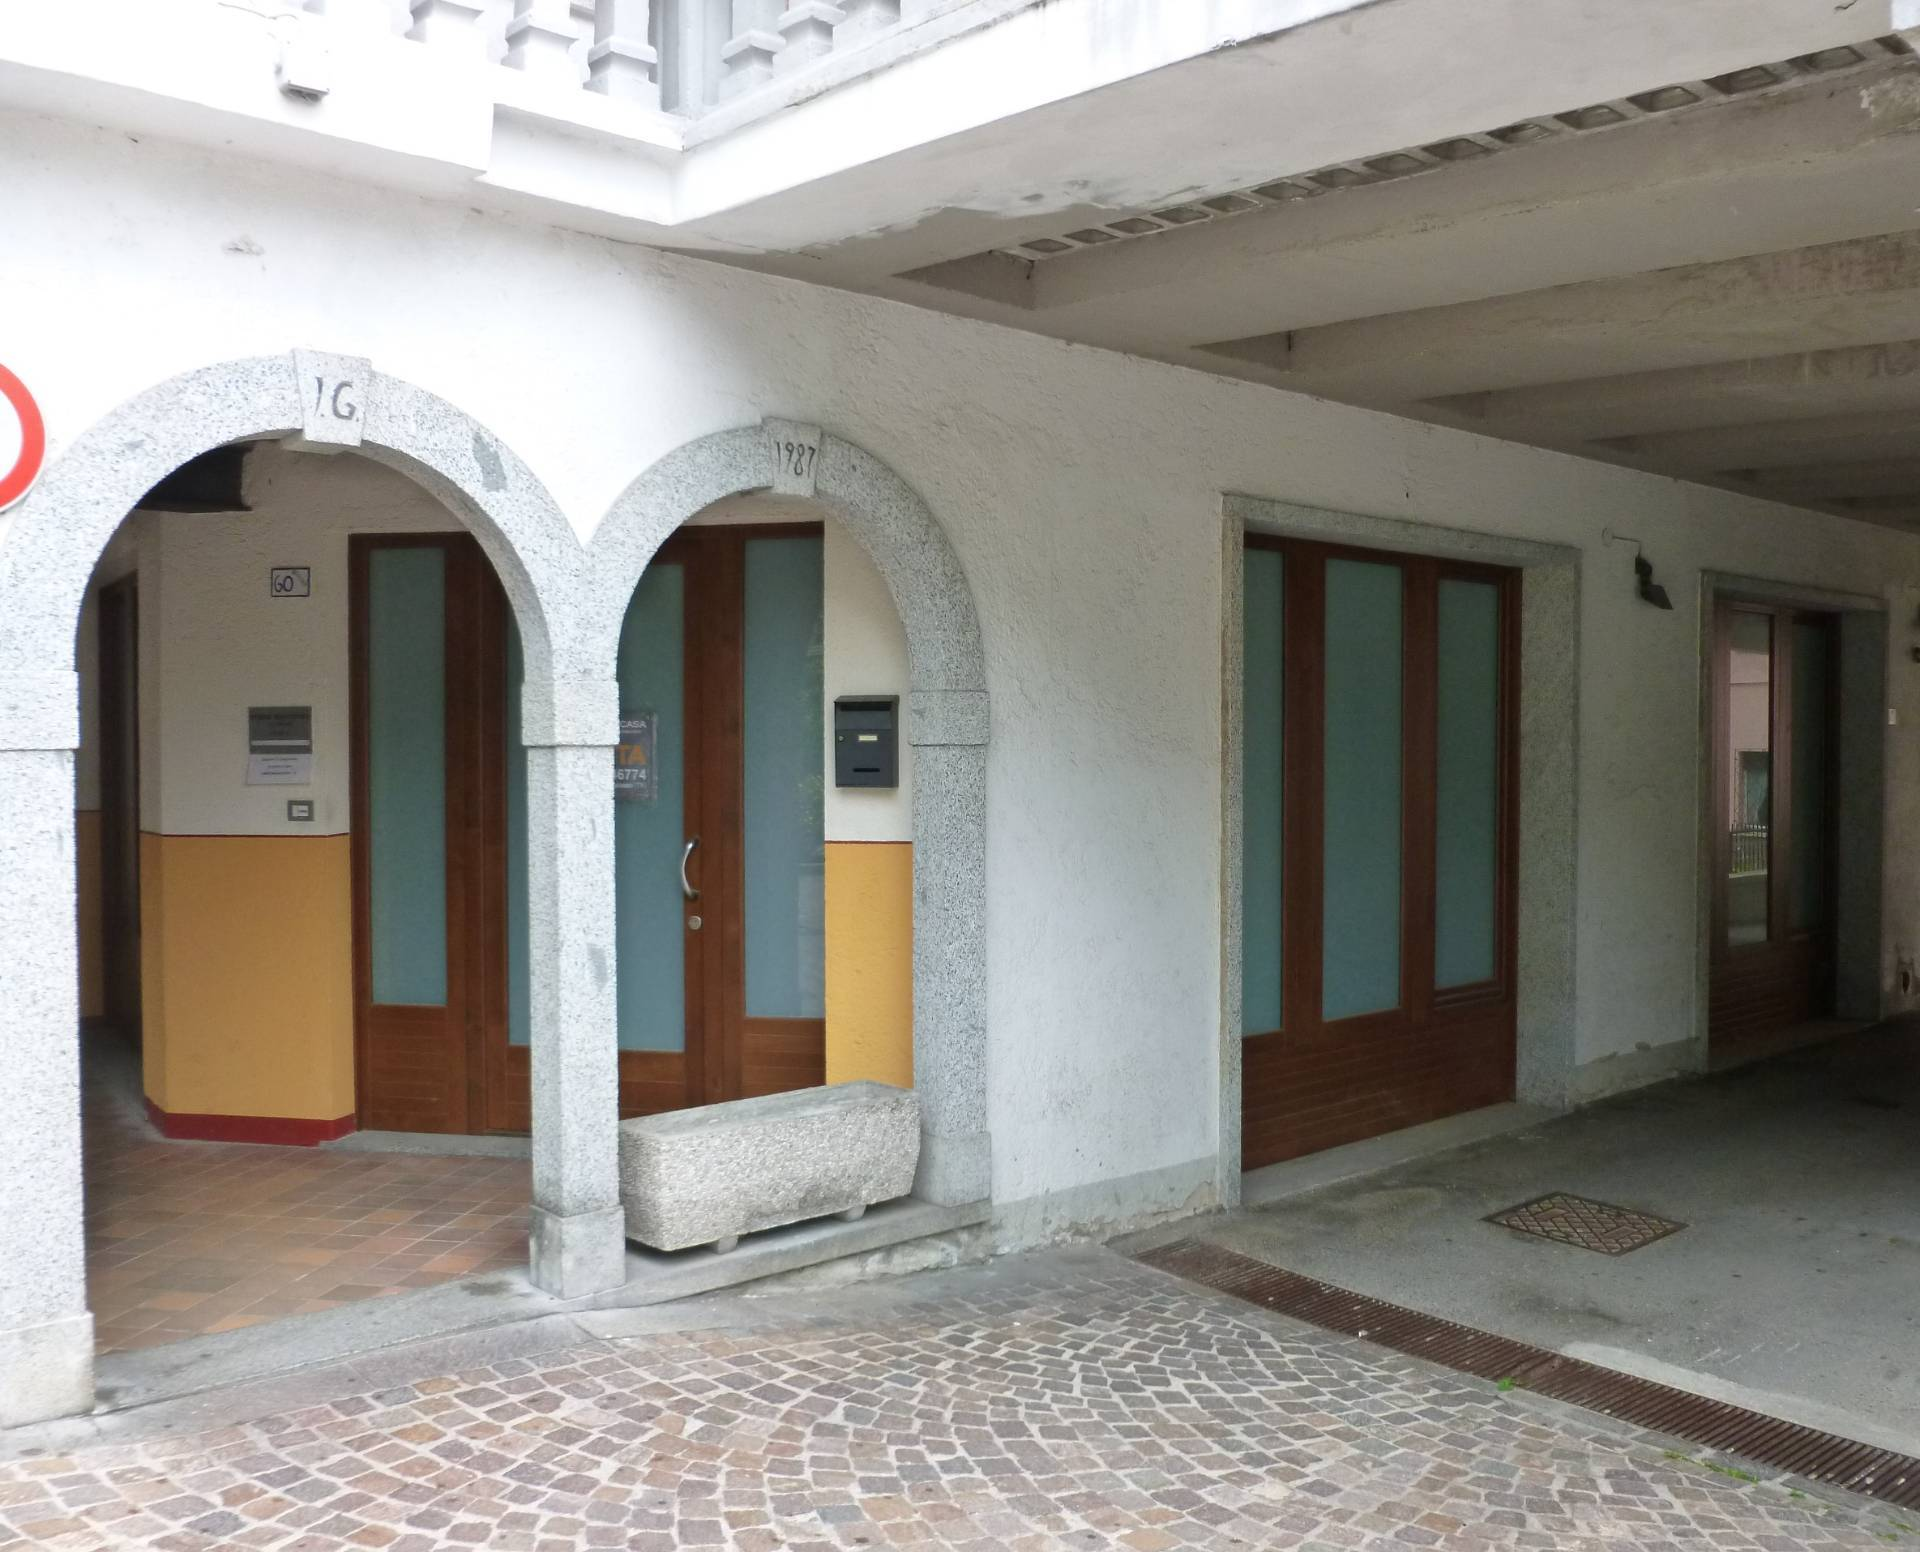 Negozio / Locale in vendita a Spiazzo, 9999 locali, zona Zona: Borzago, prezzo € 120.000   CambioCasa.it